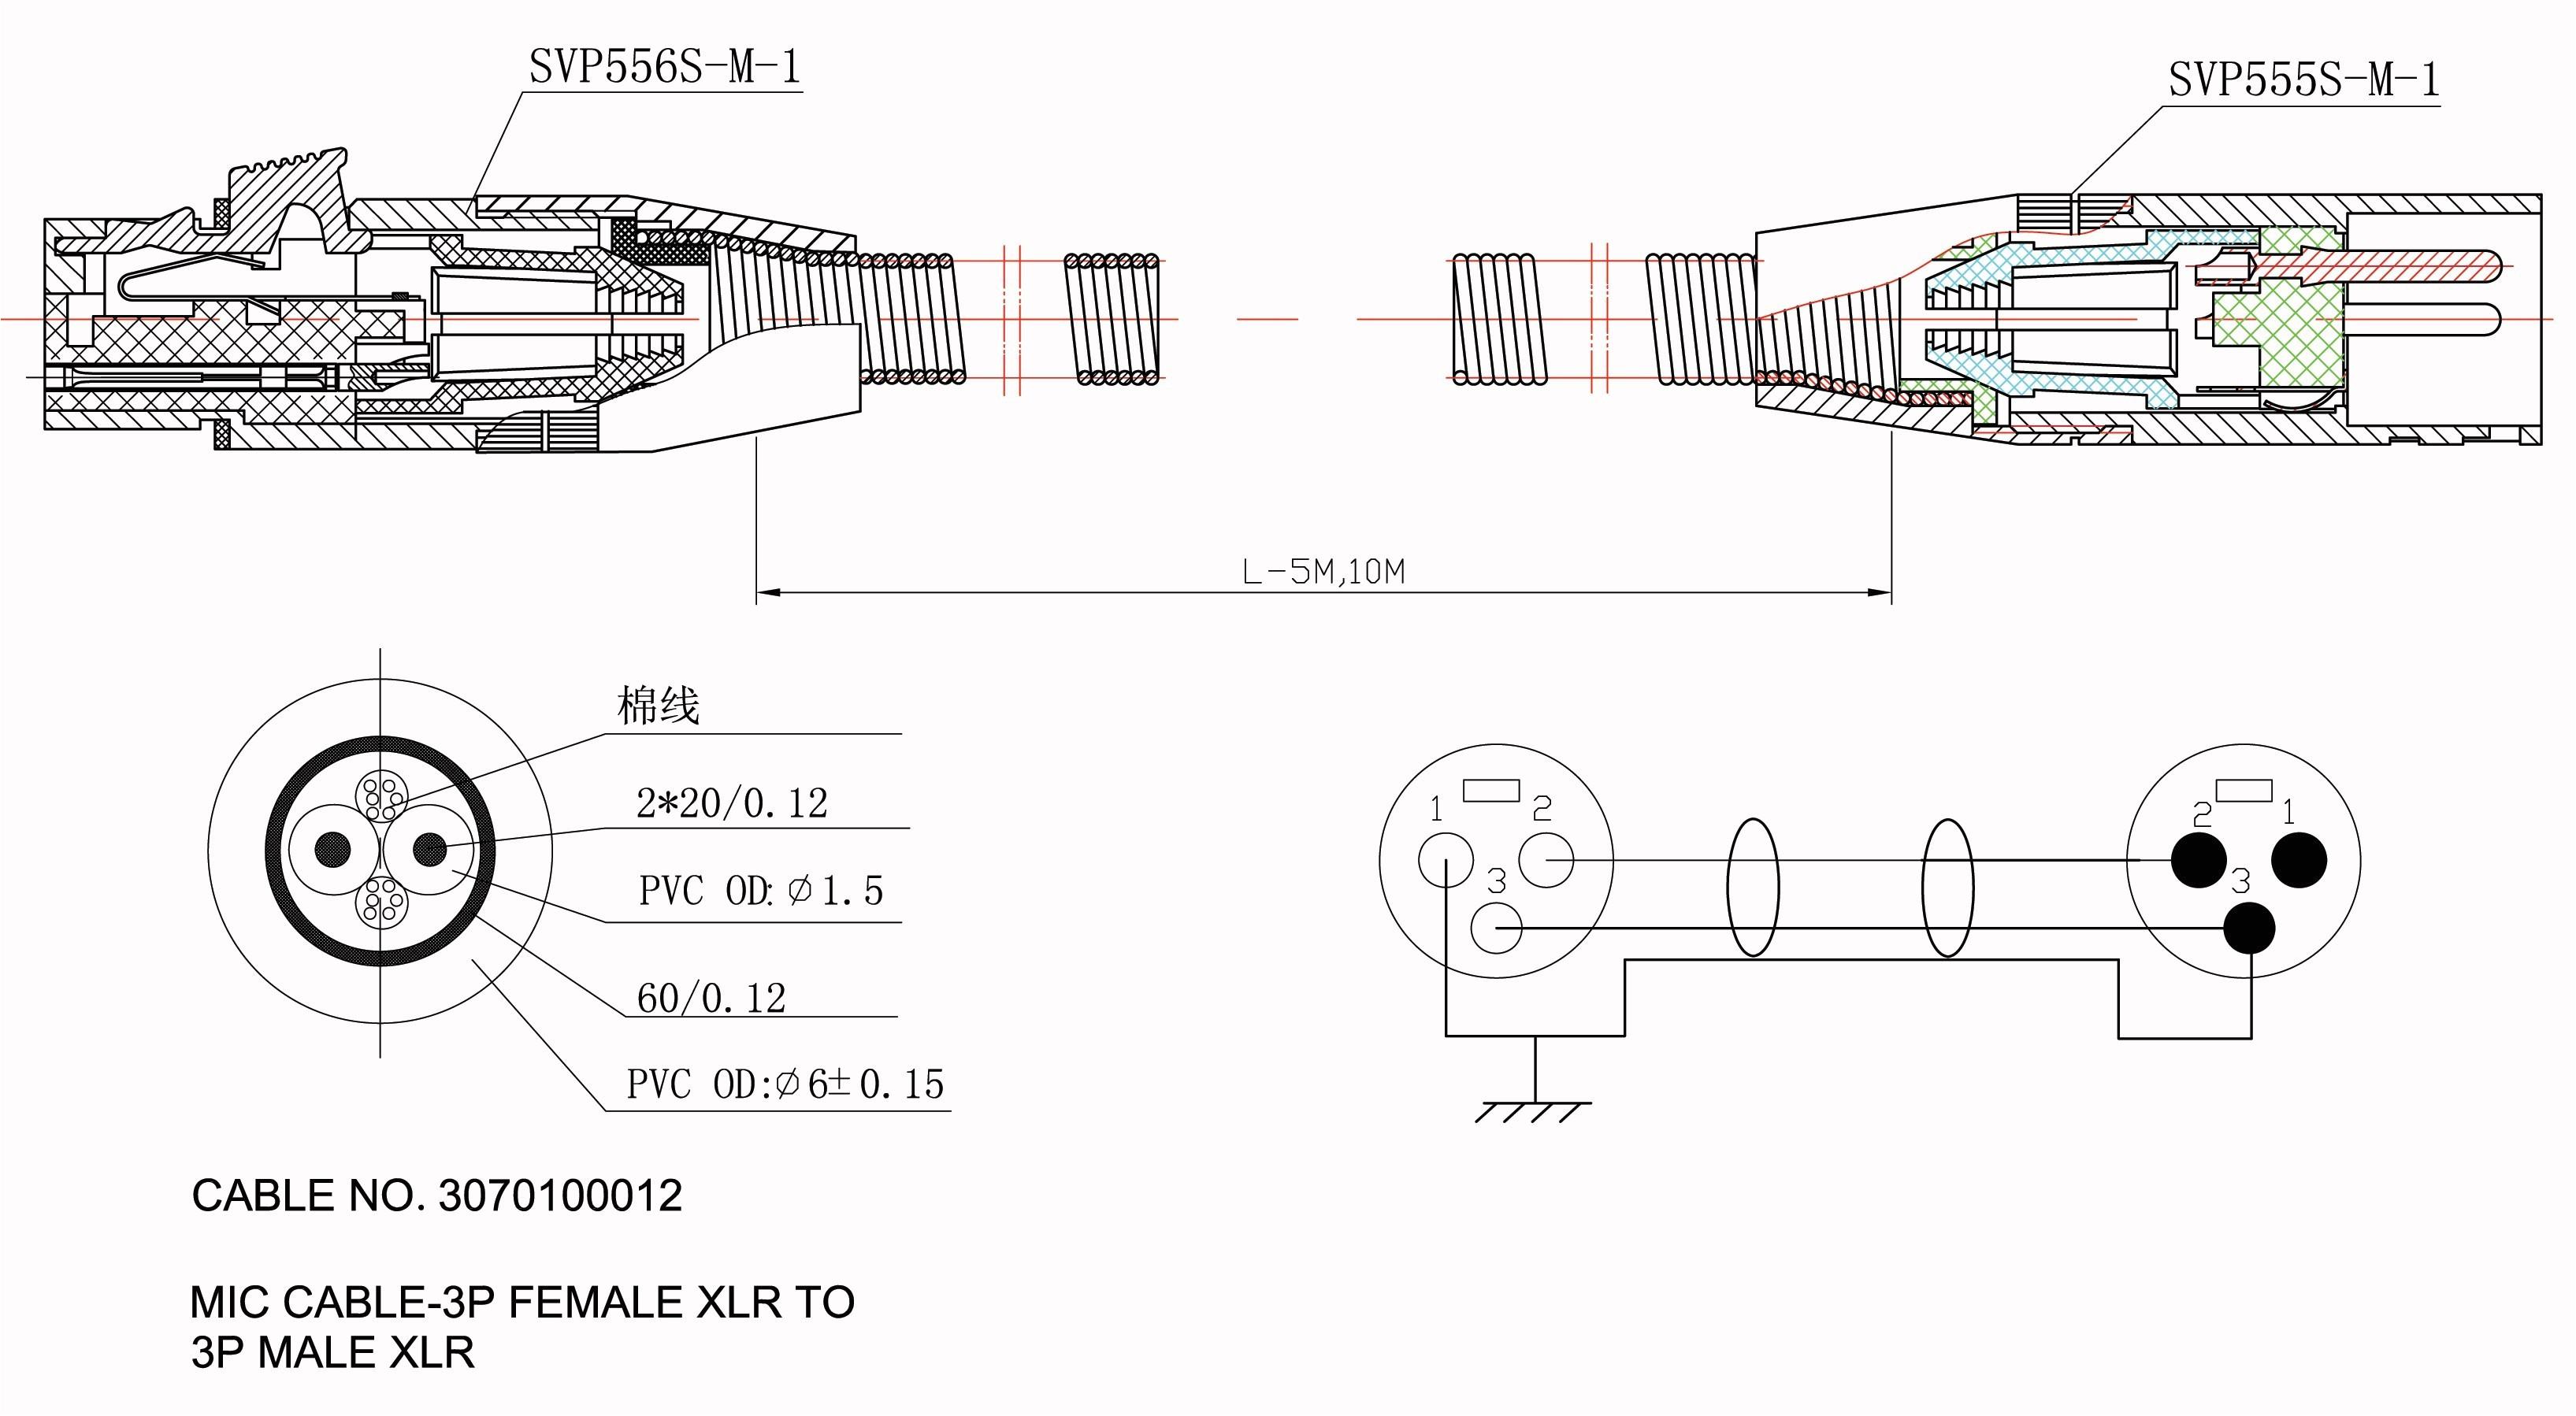 12n 12s wiring diagram beautiful standard wiring diagram for trailer plugs best wiring diagram for jpg